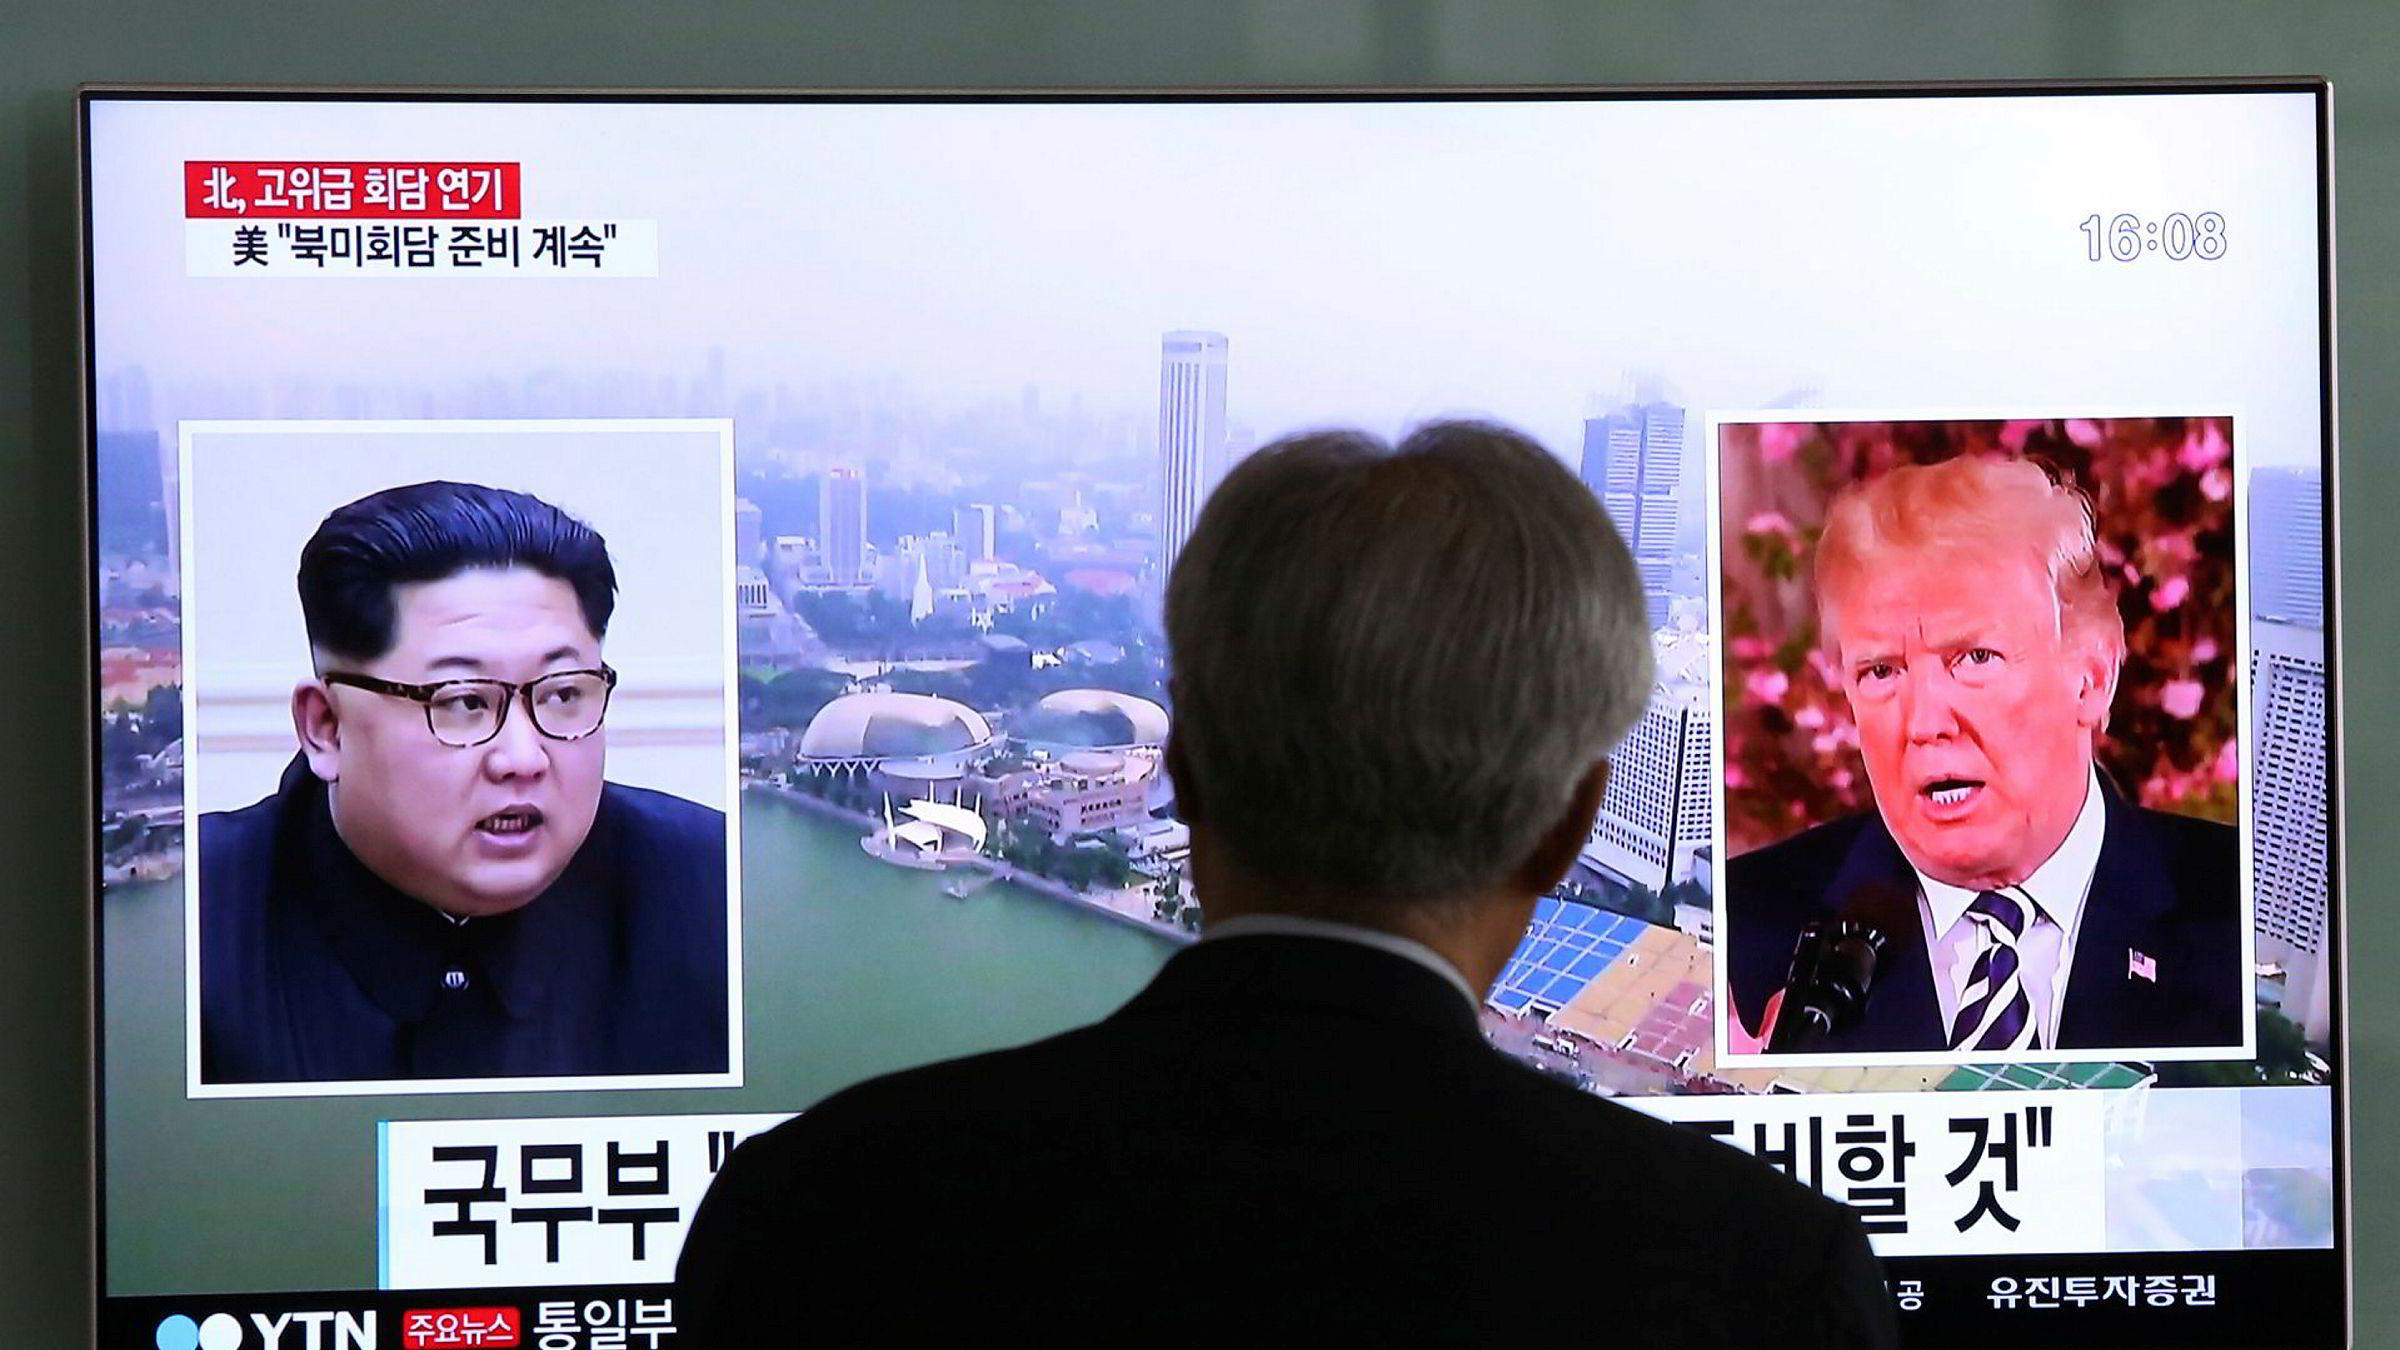 45050e5a6 Sør-Korea: Vil jobbe hardt for vellykket møte mellom Trump og Kim | DN